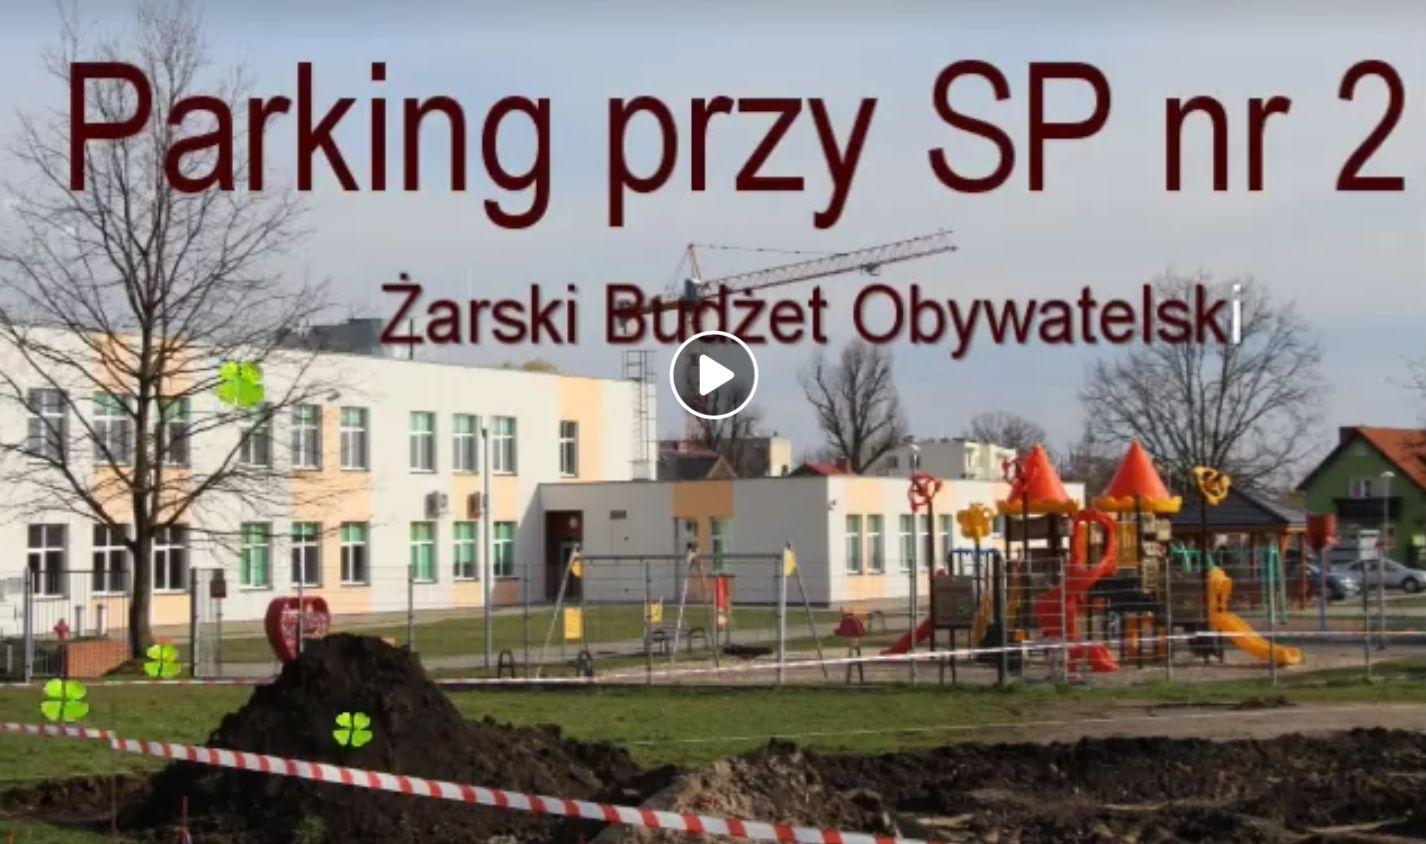 Ilustracja do informacji: Parking przy SP nr 2 . Żarski Budżet Obywatelski